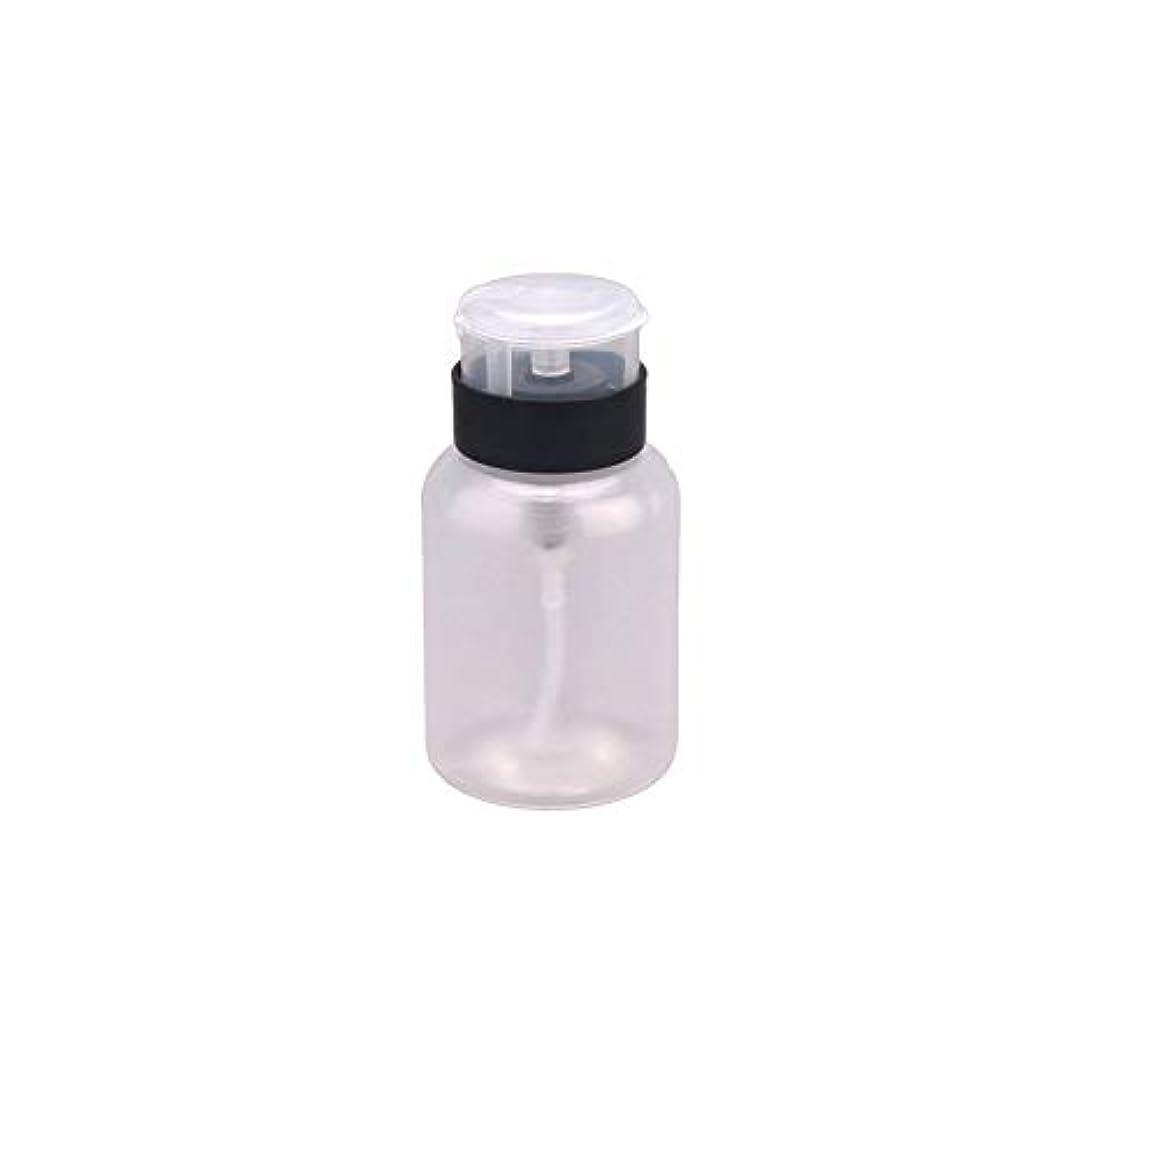 調整する実用的再編成する210ML MultifuktionディスペンサーポンプクレンザーBottlePushネイルポリッシュリムーバーアルコールボトルダウン液体エミッタのボトルは、ボトルのネイルポリッシュリムーバー液体ボトル容器のforoils、黒と透明なコーティング、接着剤を絞ります